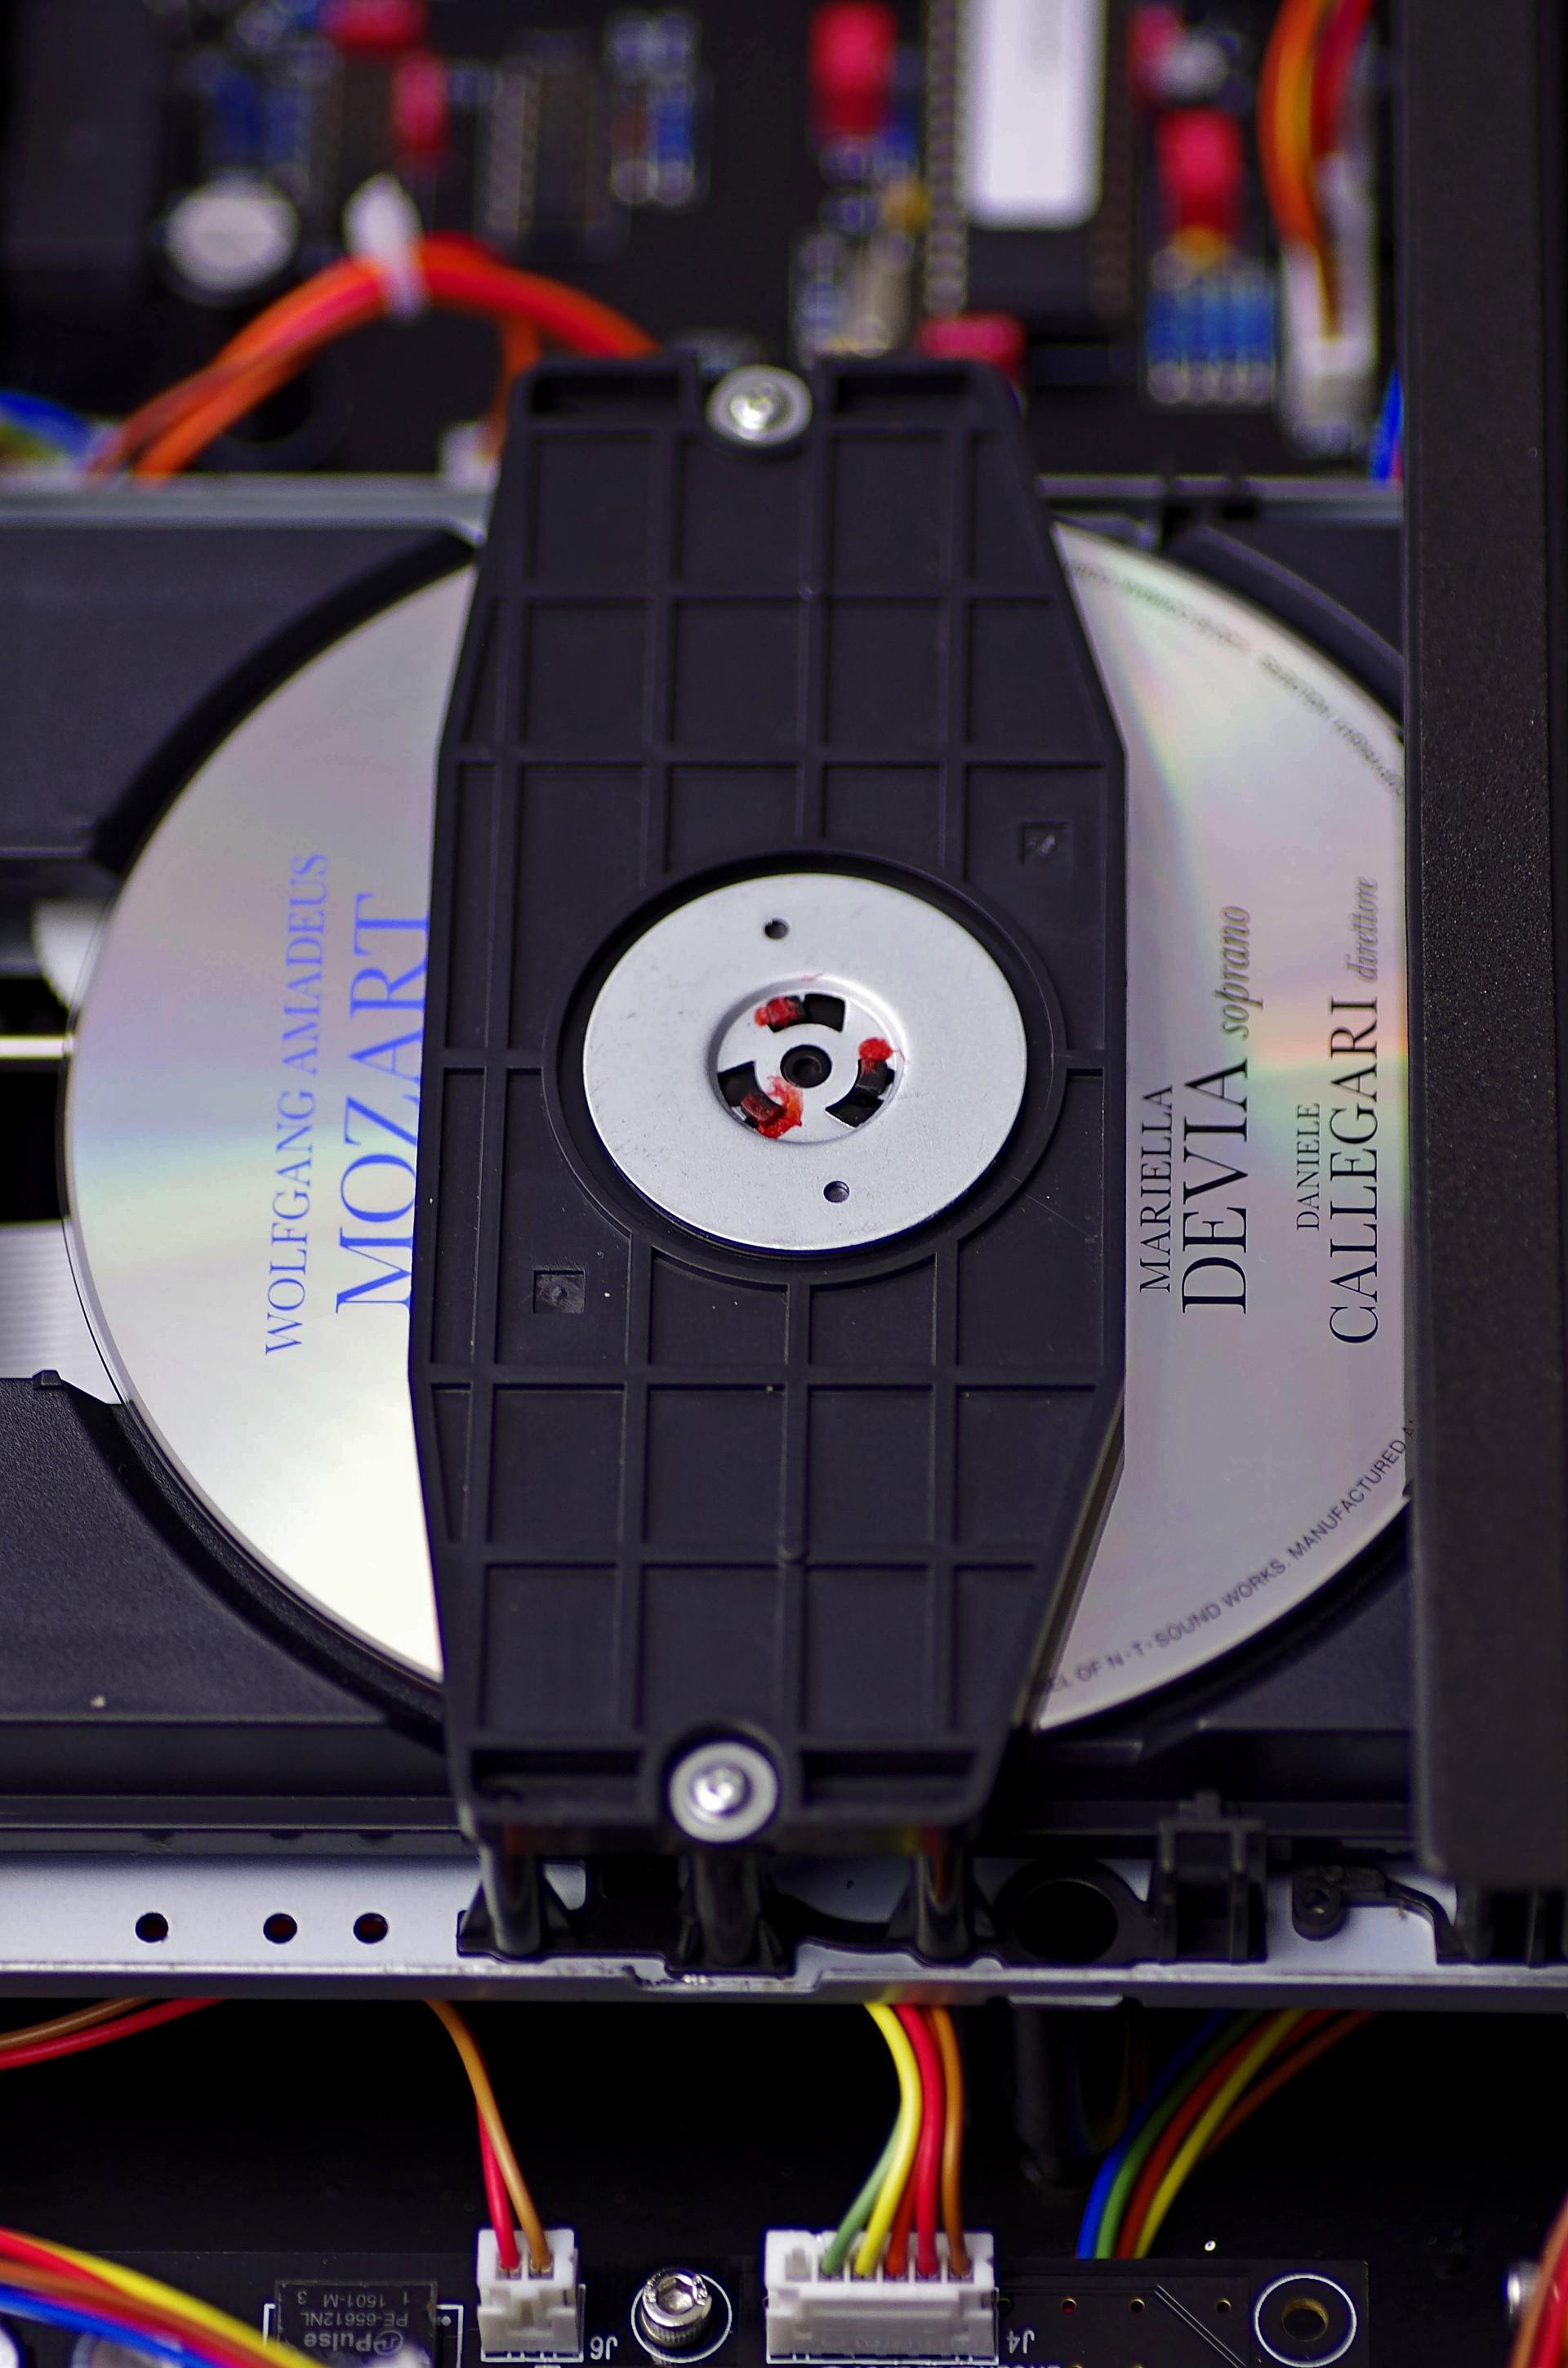 В середине корпуса установлен специализированный CD-транспорт